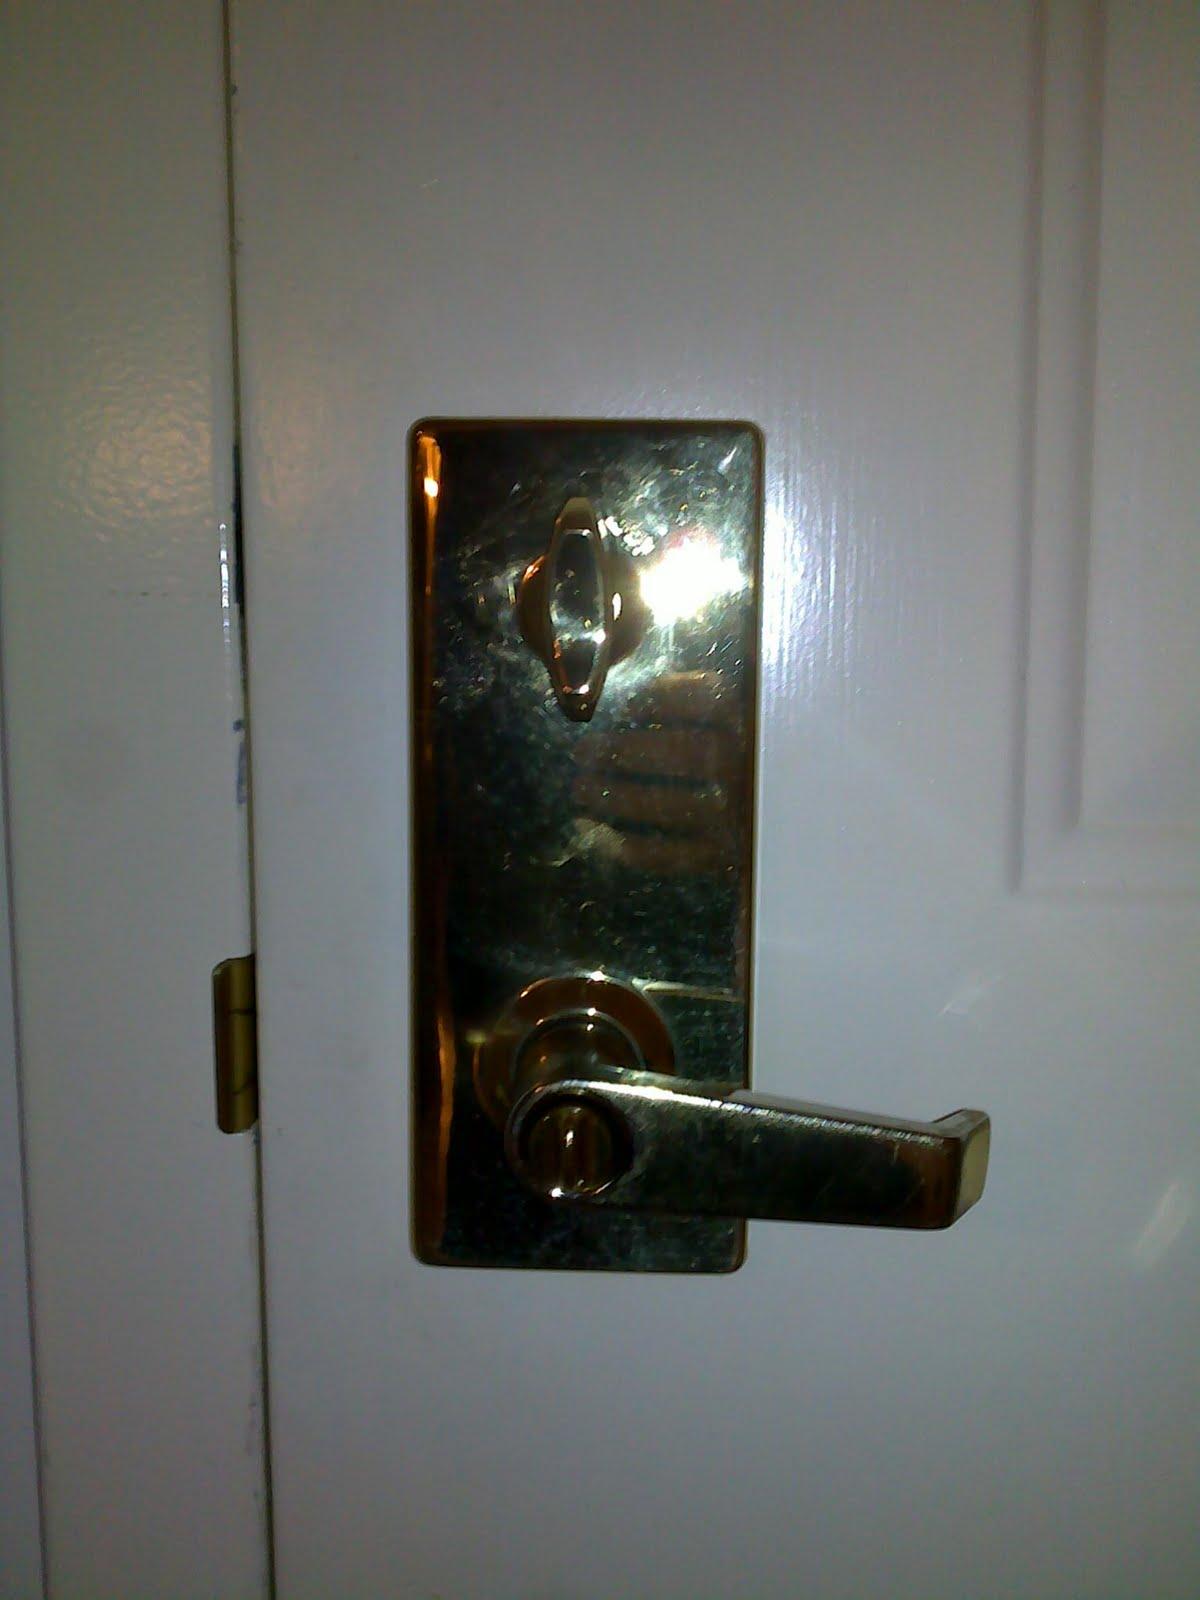 Door Security Door Security Bolt Stuck